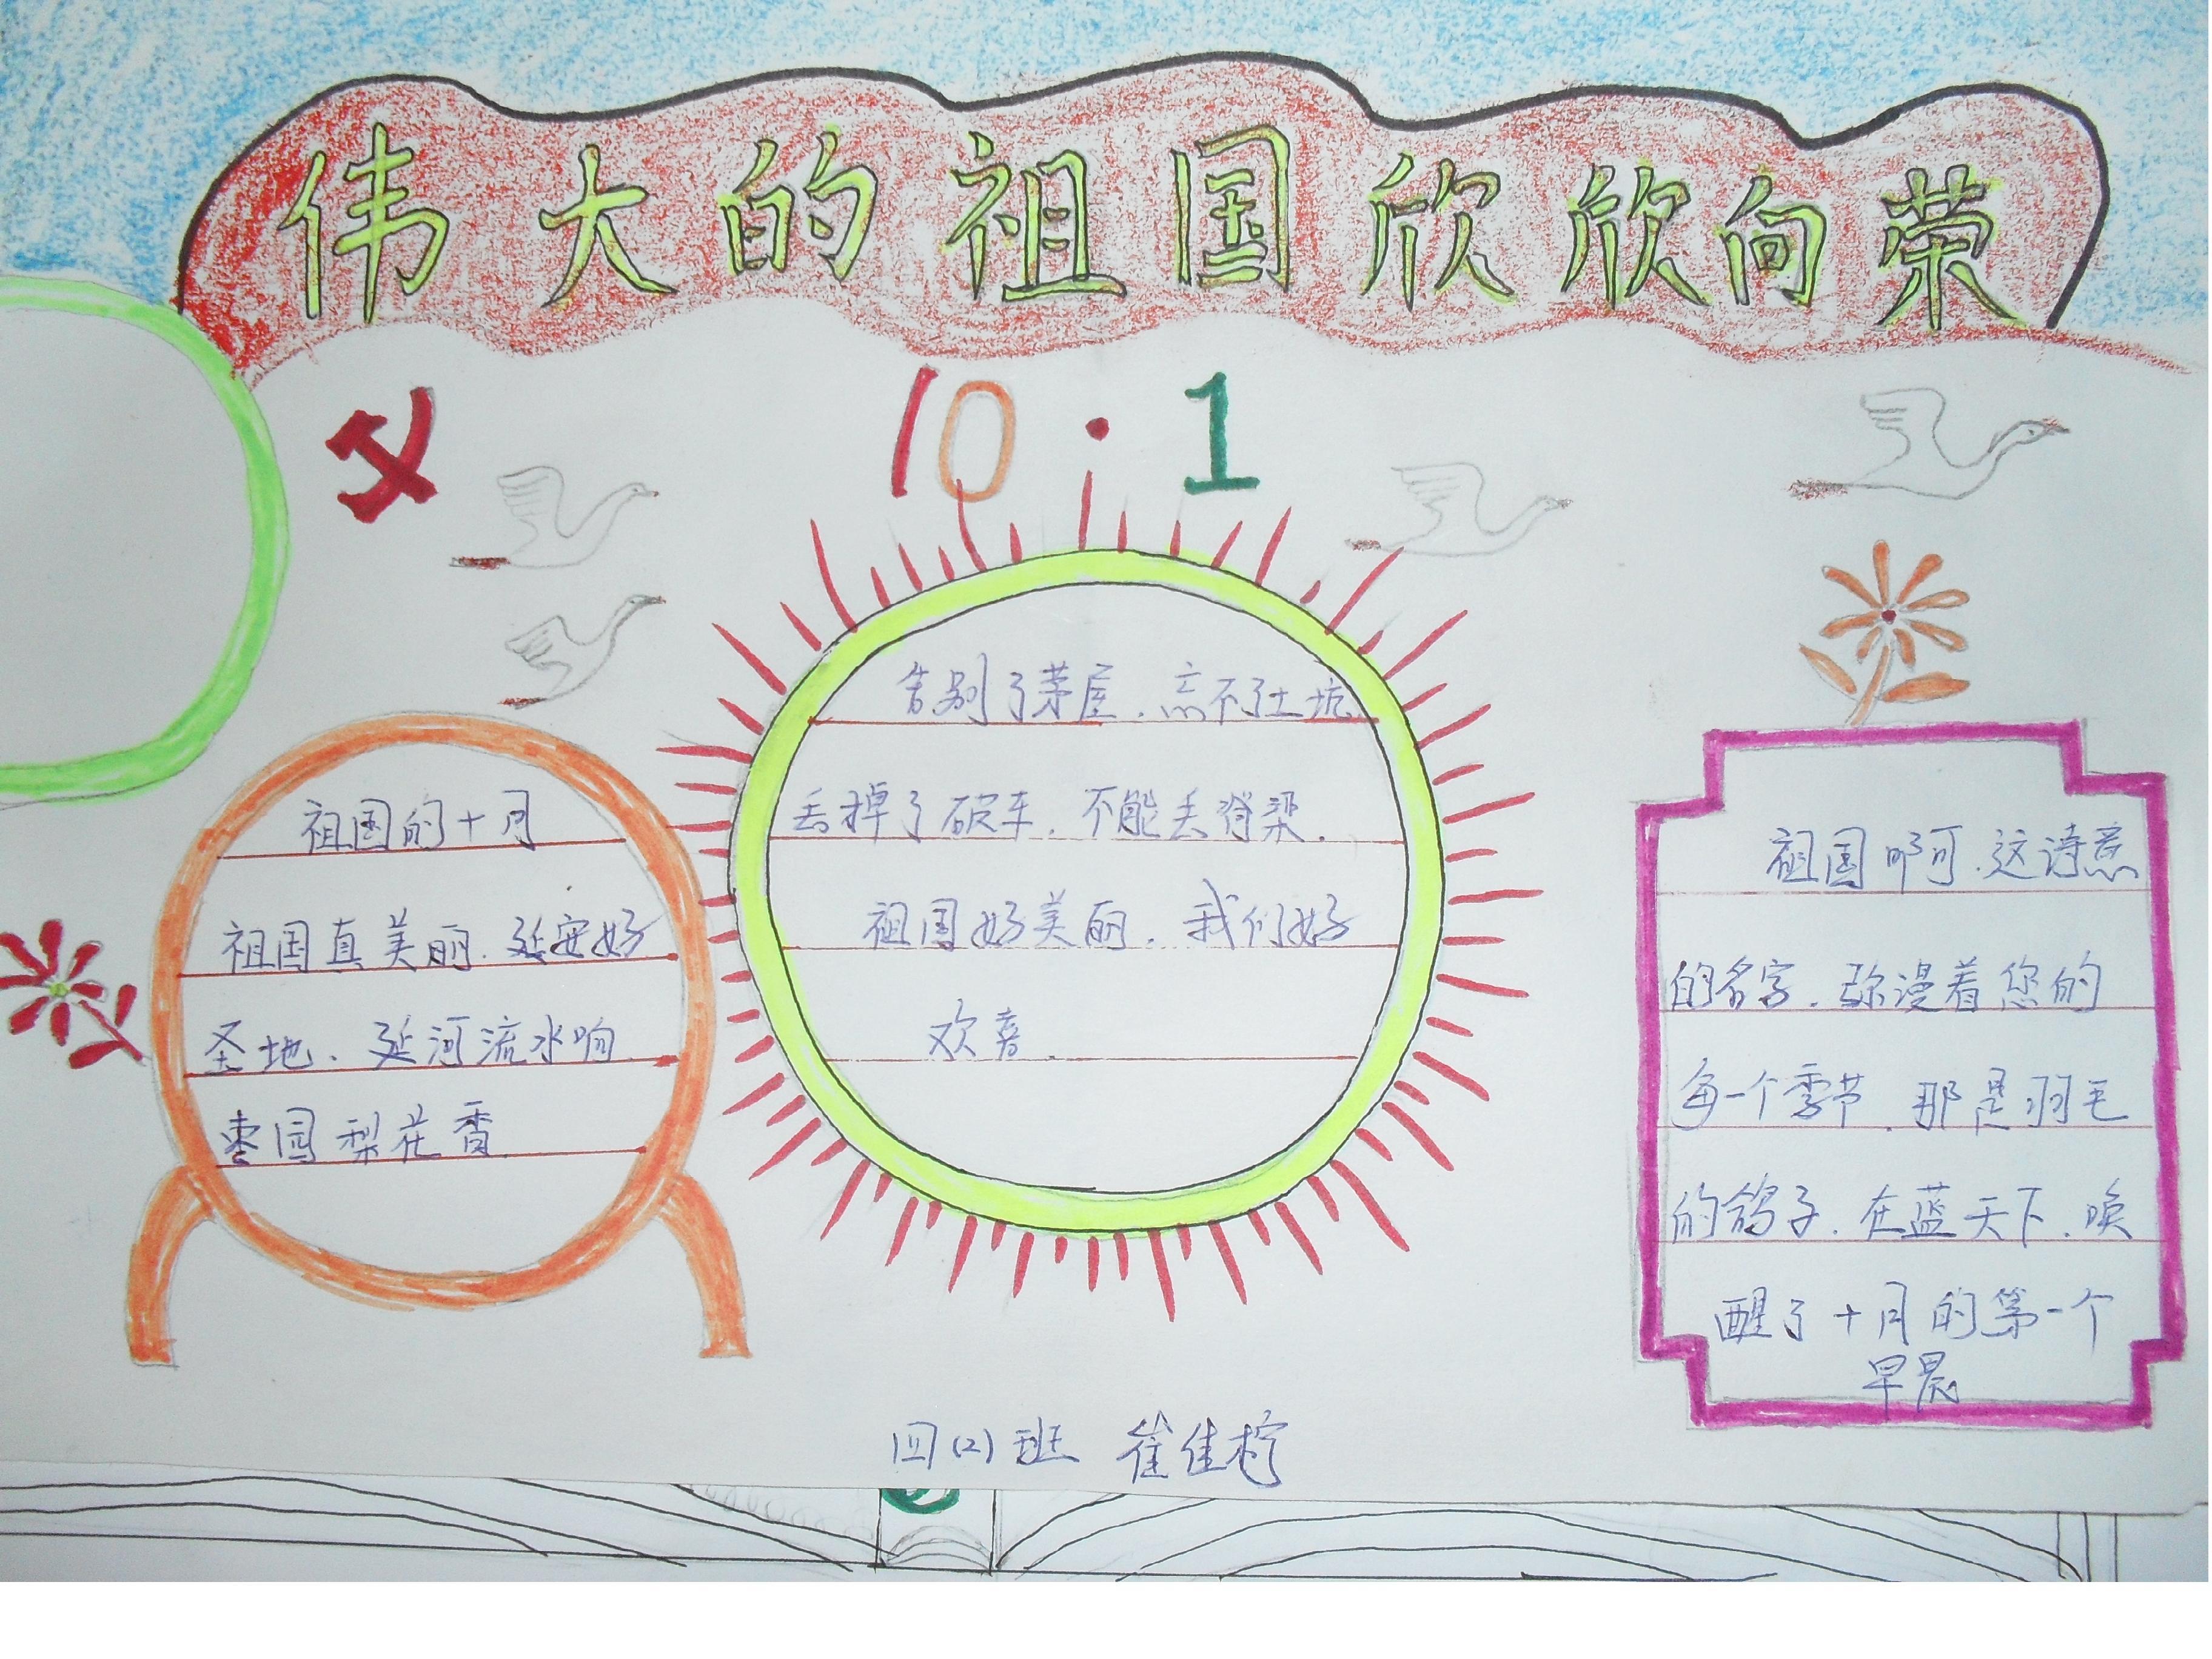 中国名人成长小故事_我爱你祖国手抄报-我爱你祖国手抄报 _感人网